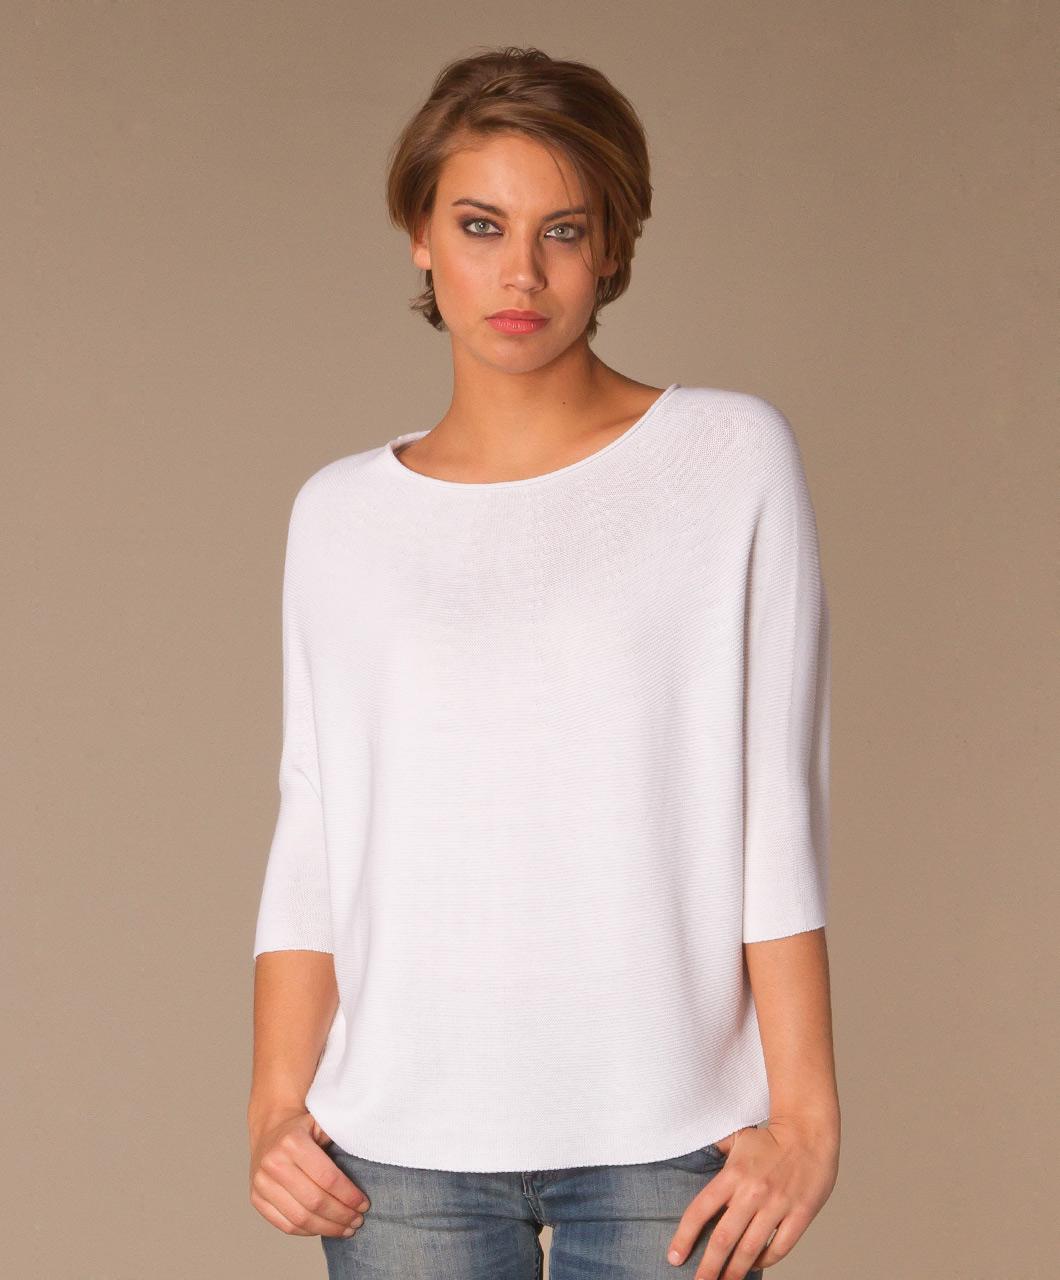 Witte Katoenen Trui.Shop The Look De Eigentijdse Trenchcoat Perfectly Basics